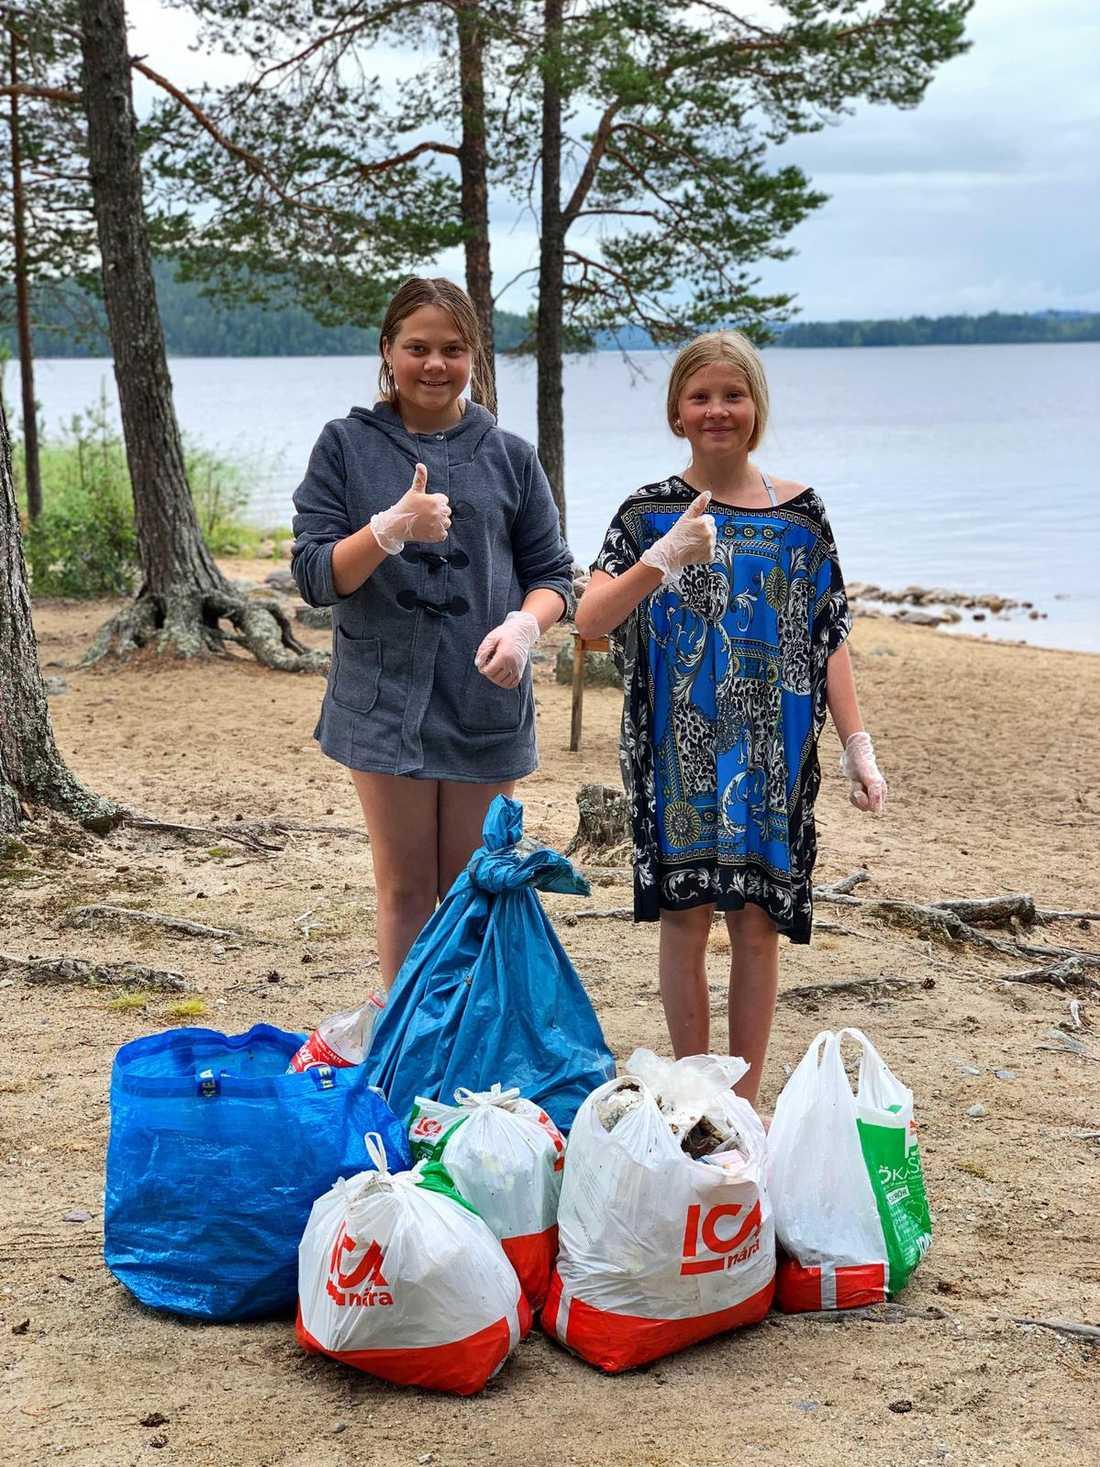 Alexandra Hopkins, 13, och Ängla Kennethsdotter Holmqvist, 12, tog saken i egna händer.